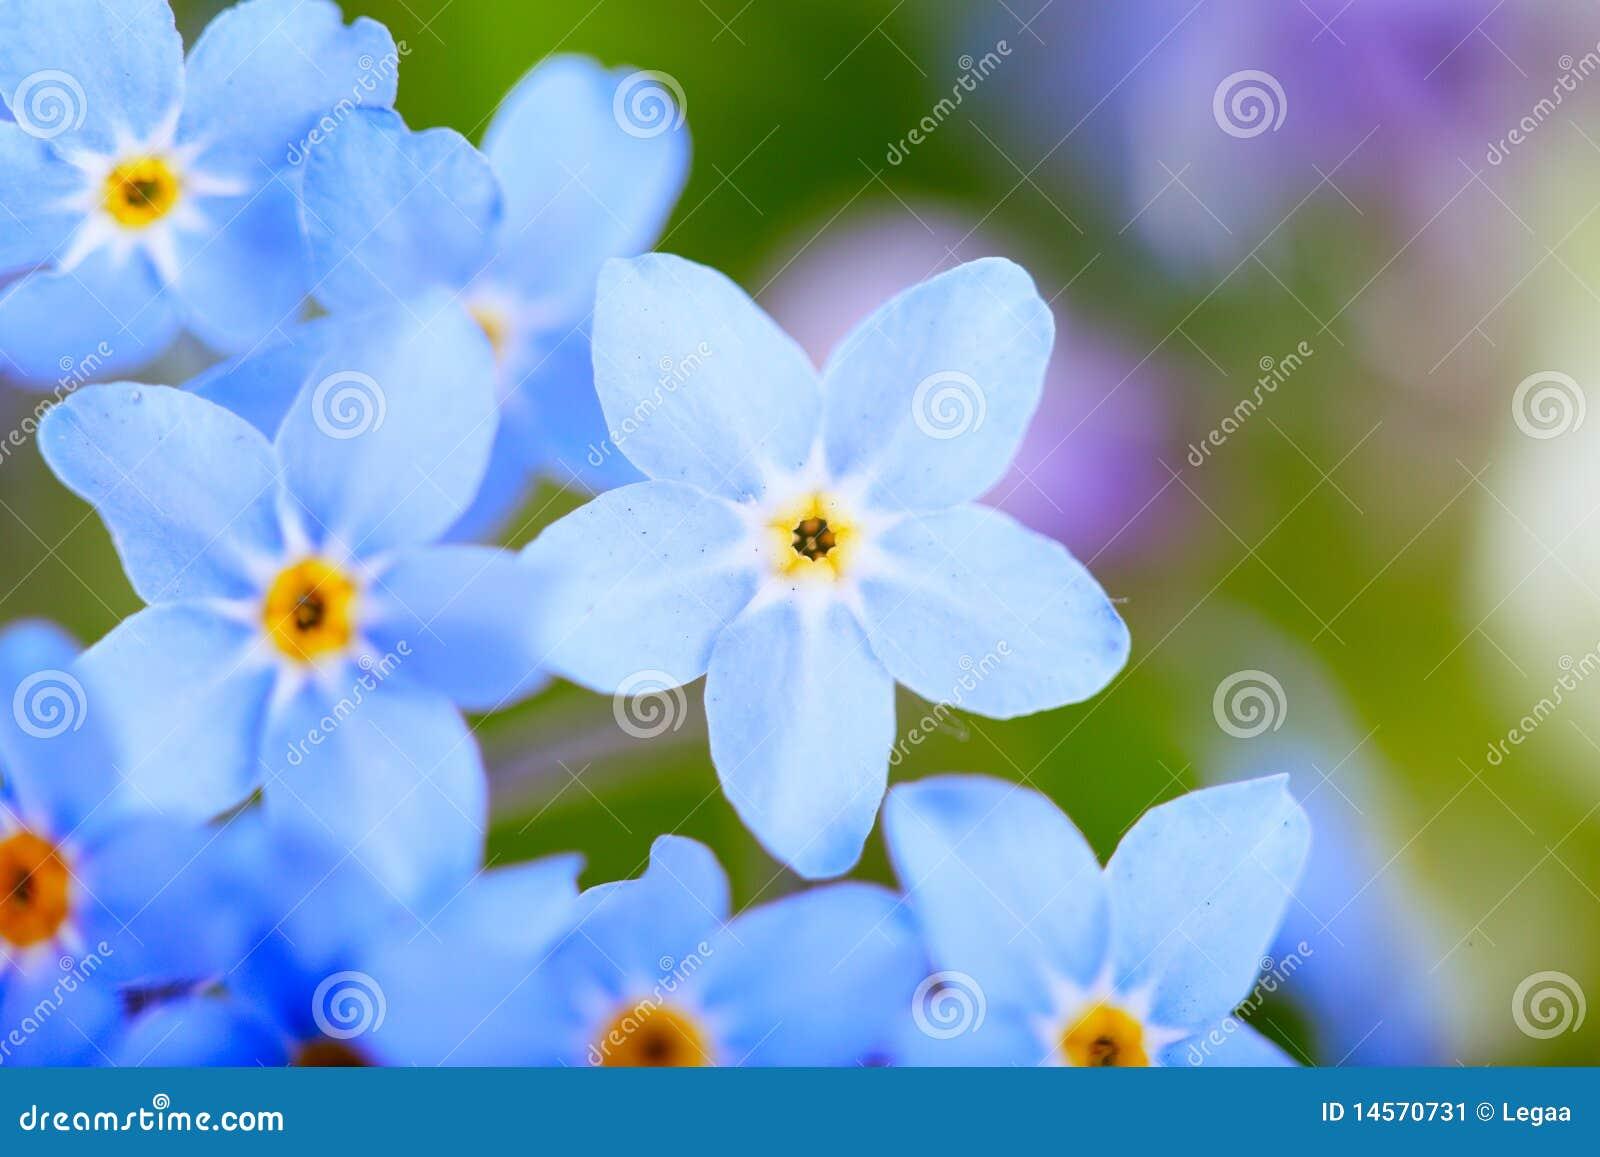 Beautiful Blue Flowers Super Macro Stock Image Image Of Botanic